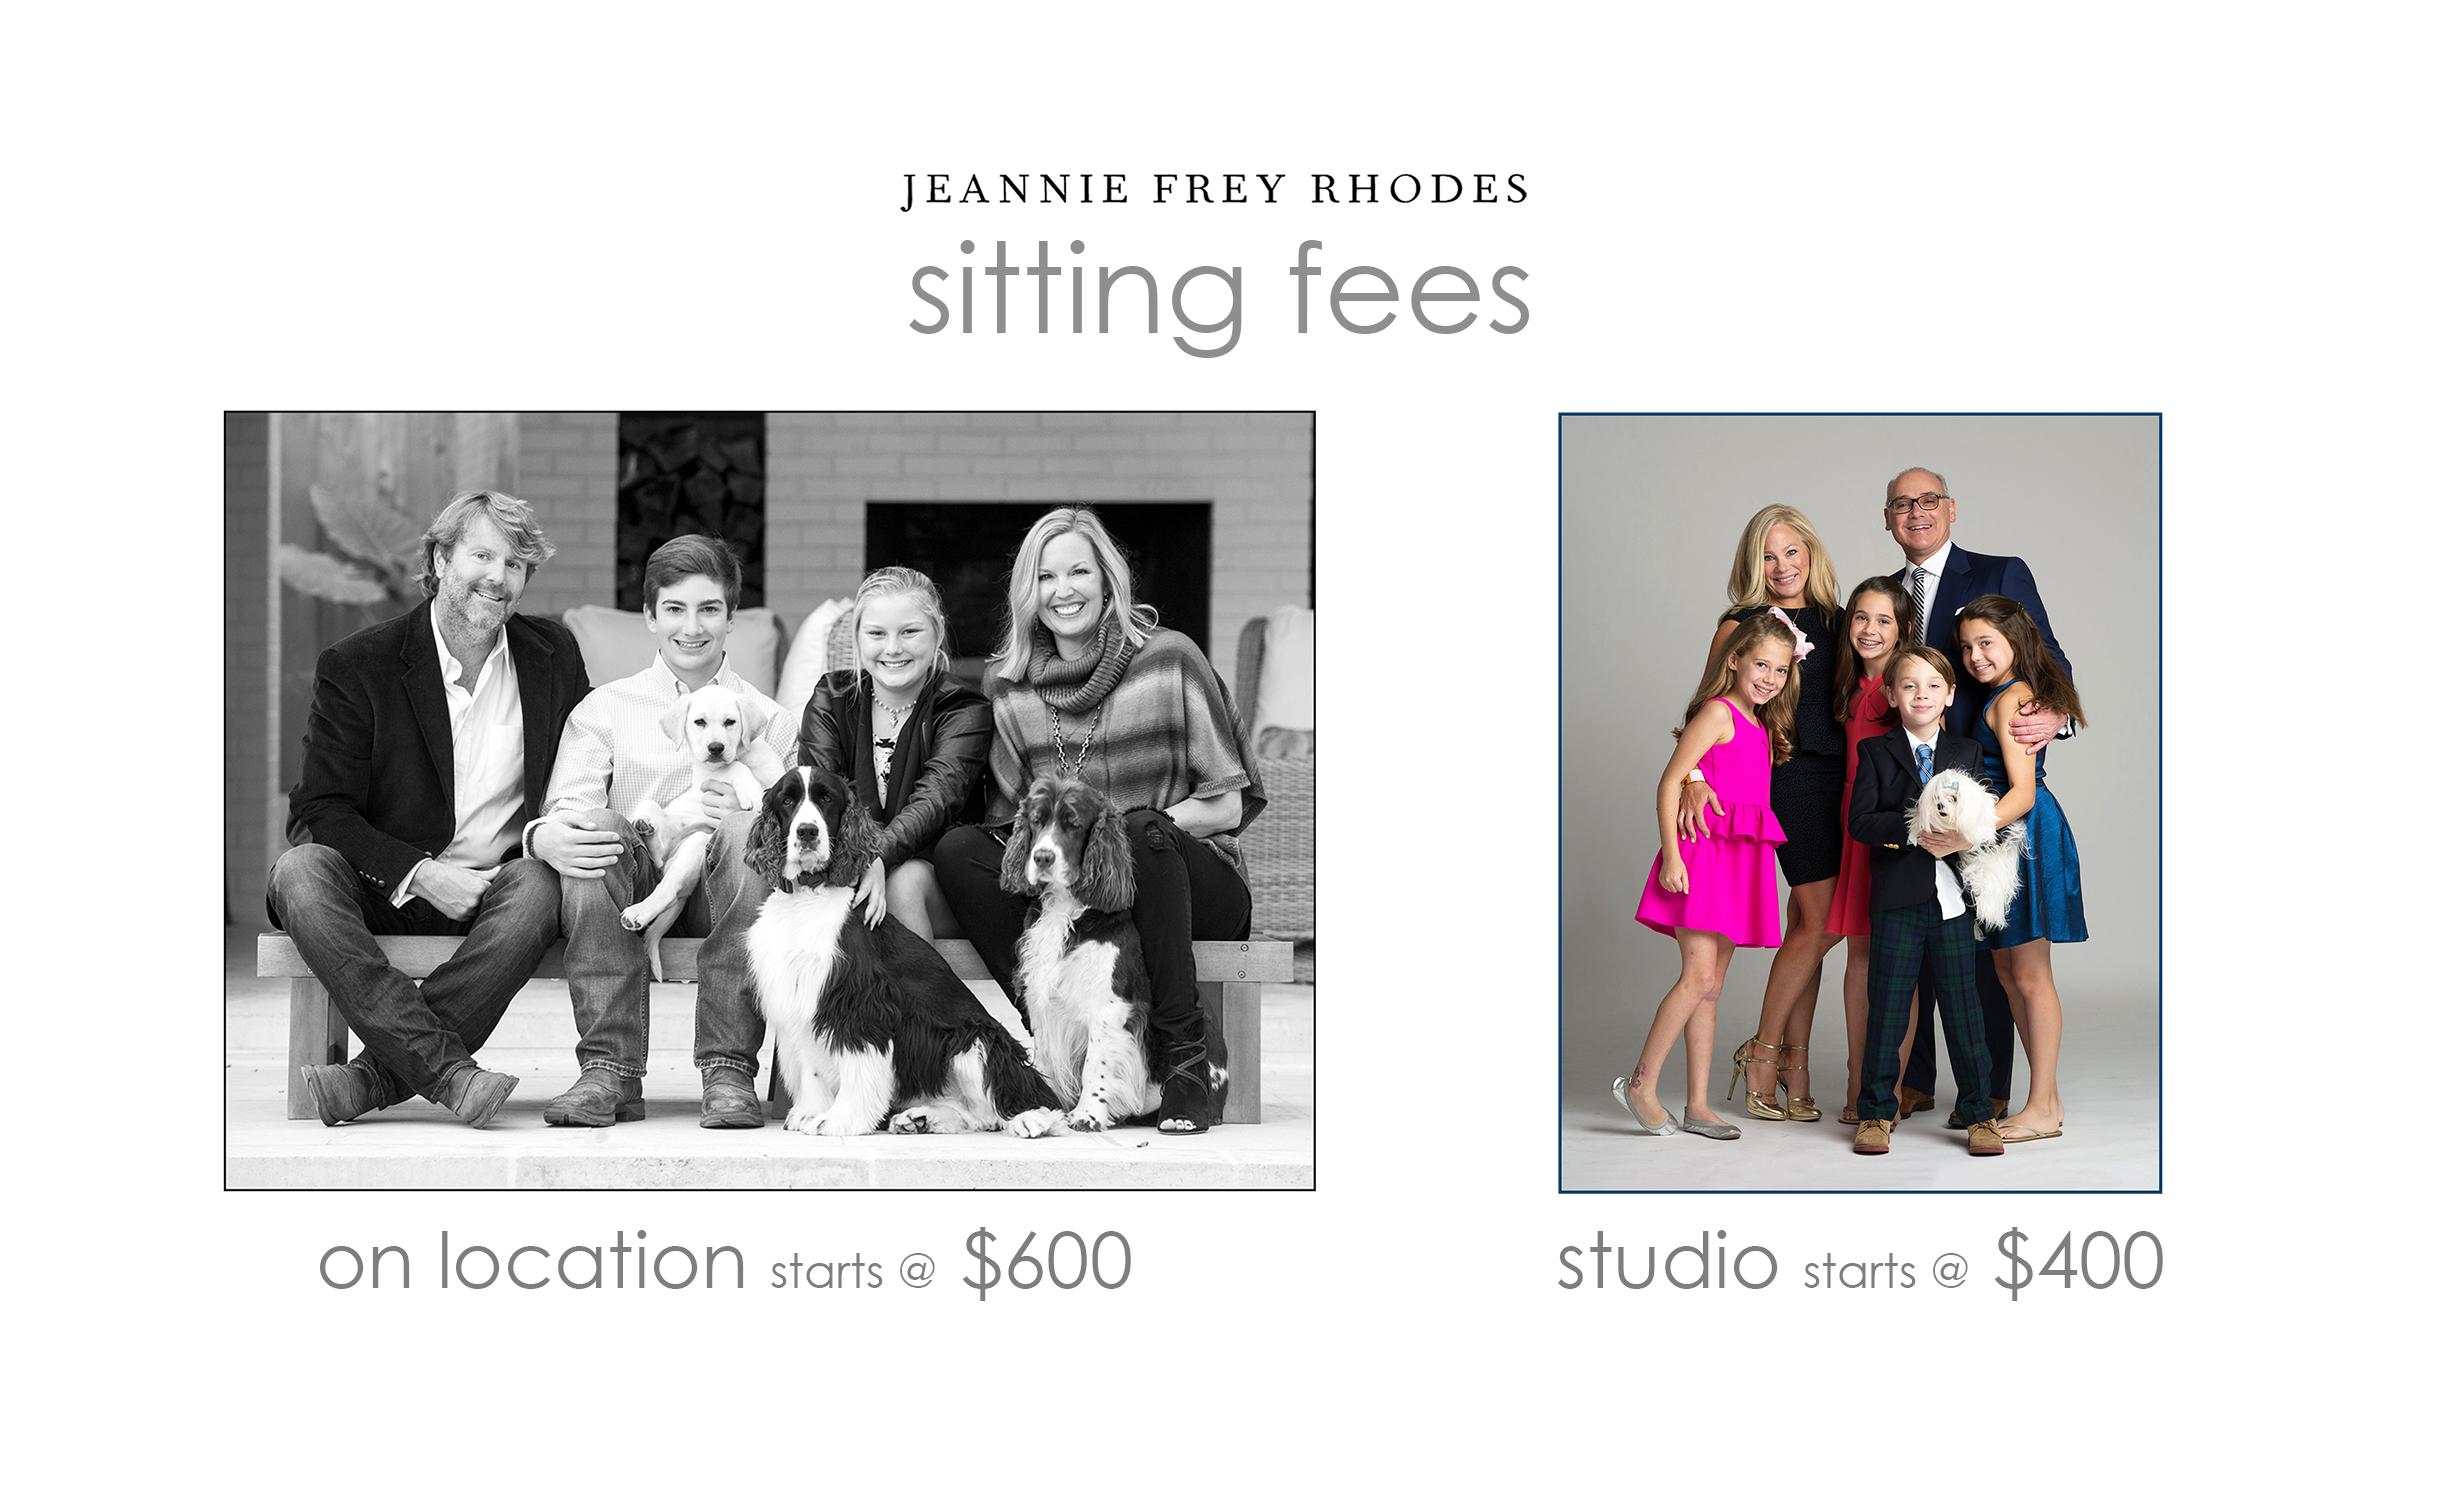 Jeannie Frey Rhodes Sitting Fees 2017 copy.jpg